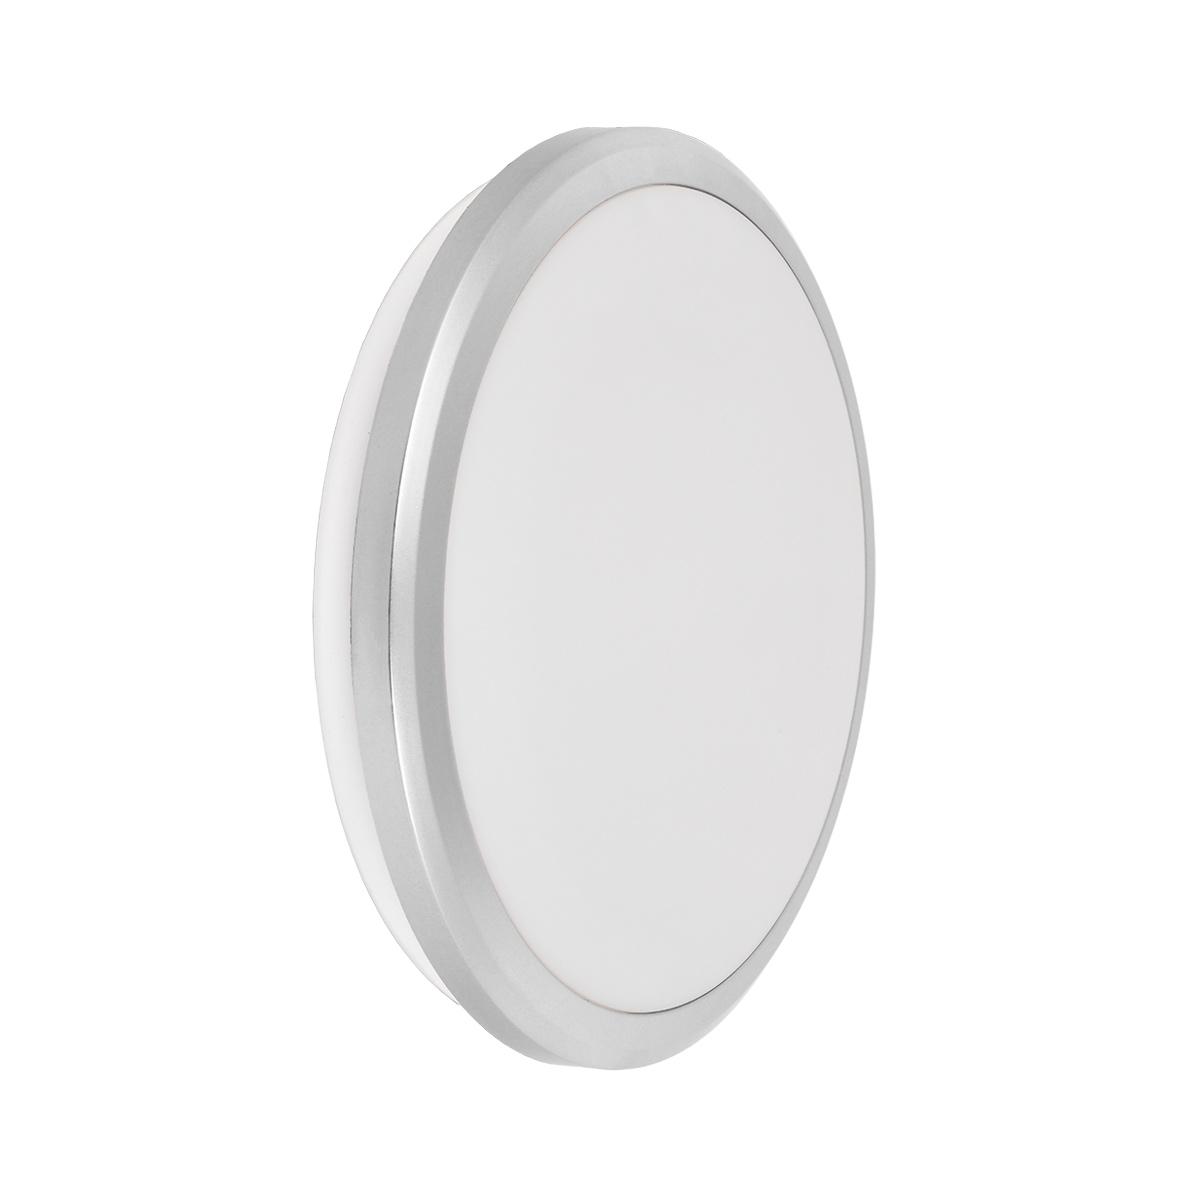 Светильник светодиодный ДПБ 3103 18Вт IP54 4000K круг серебро IEK